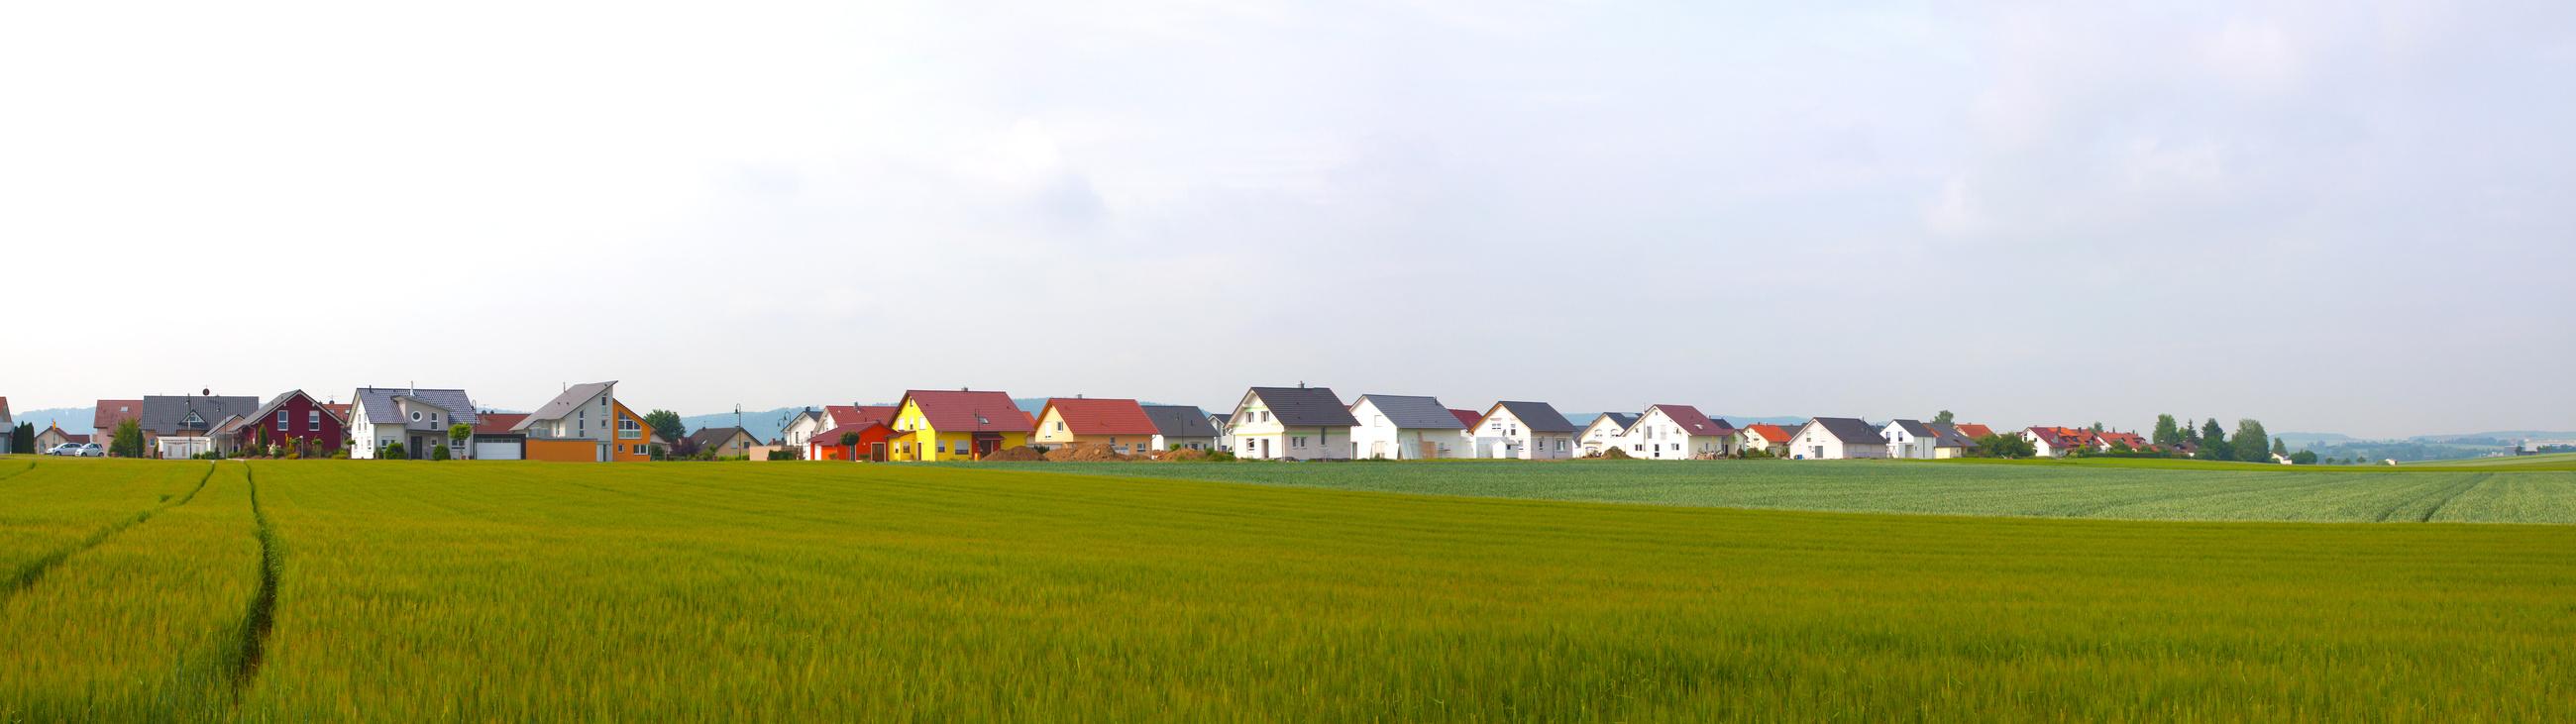 Ackerfläche im Vordergrund, Neubaugebiet im Hintergrund